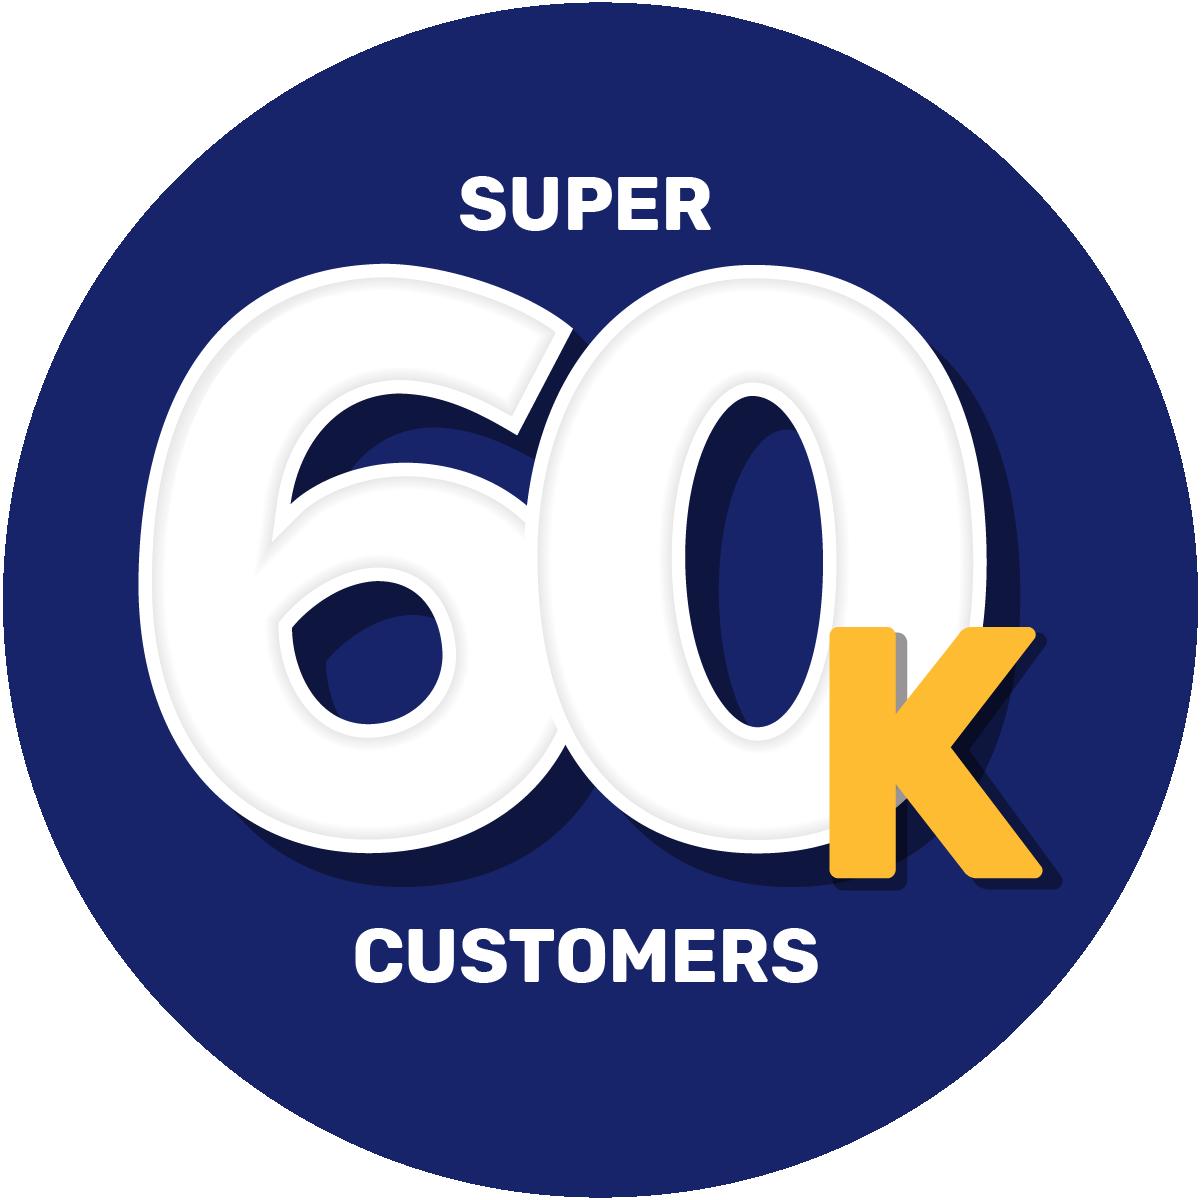 The Super 60